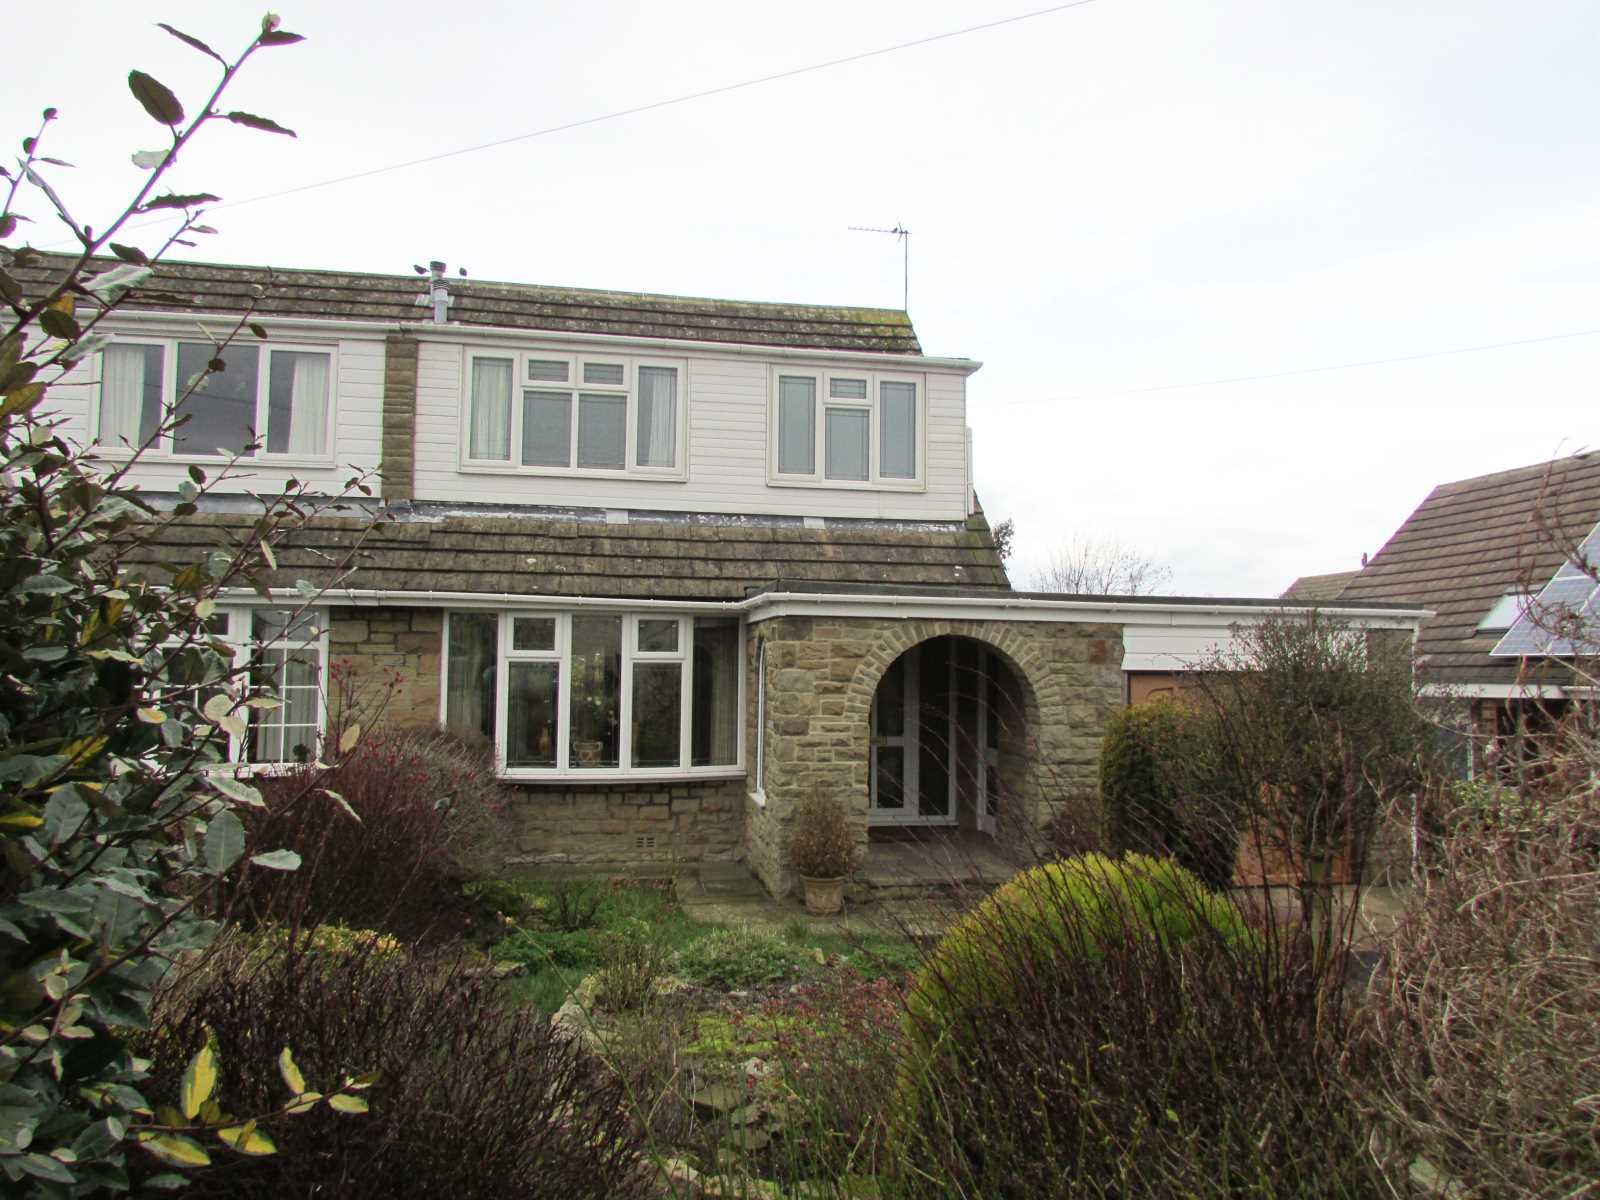 12 Denby Park Drive Grange Moor, Wakefield, WF4 4EE